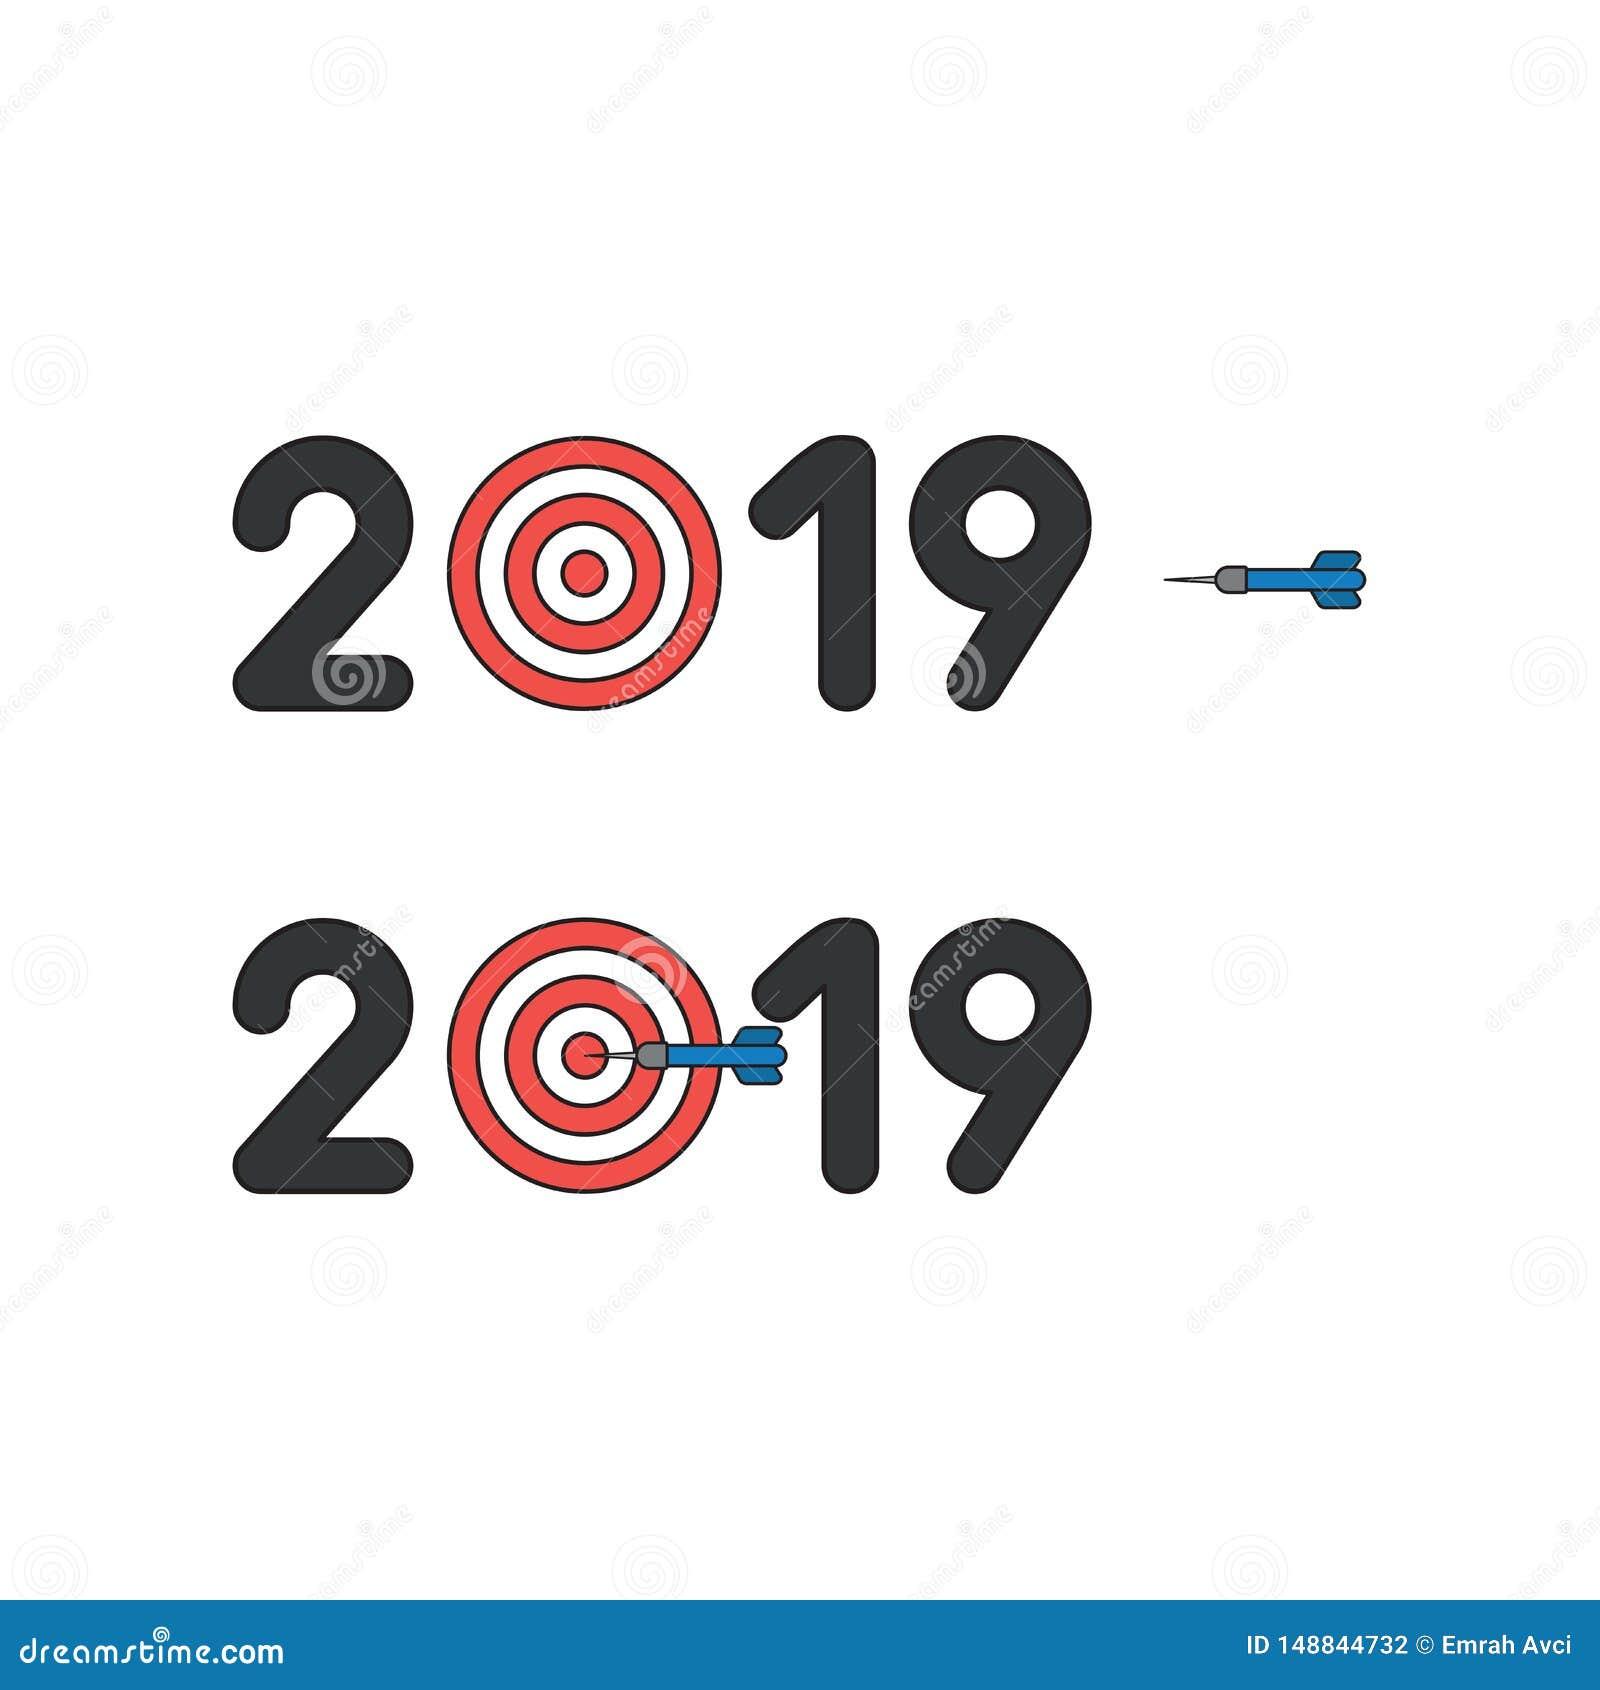 Διανυσματική έννοια εικονιδίων του 2019 με το μάτι ταύρων και του βέλους στο κέντρο